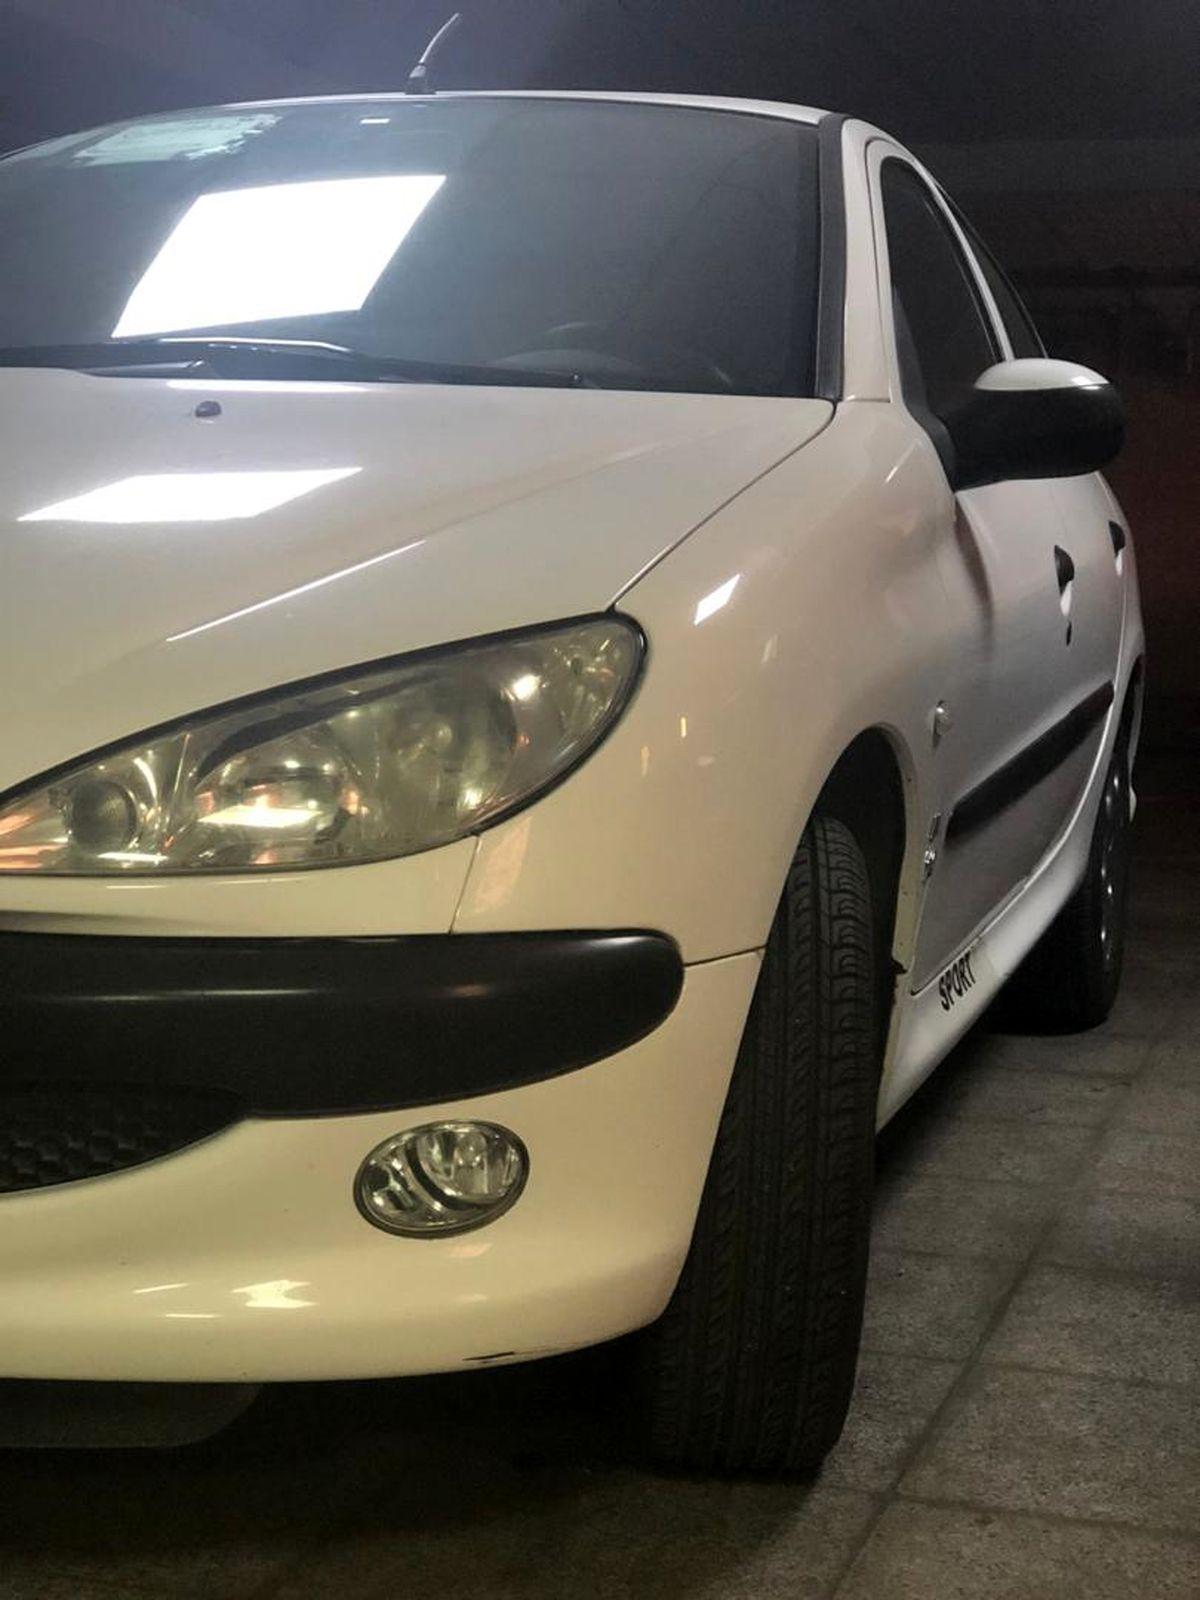 فروش فوری خودرو پژو 206 مدل 95